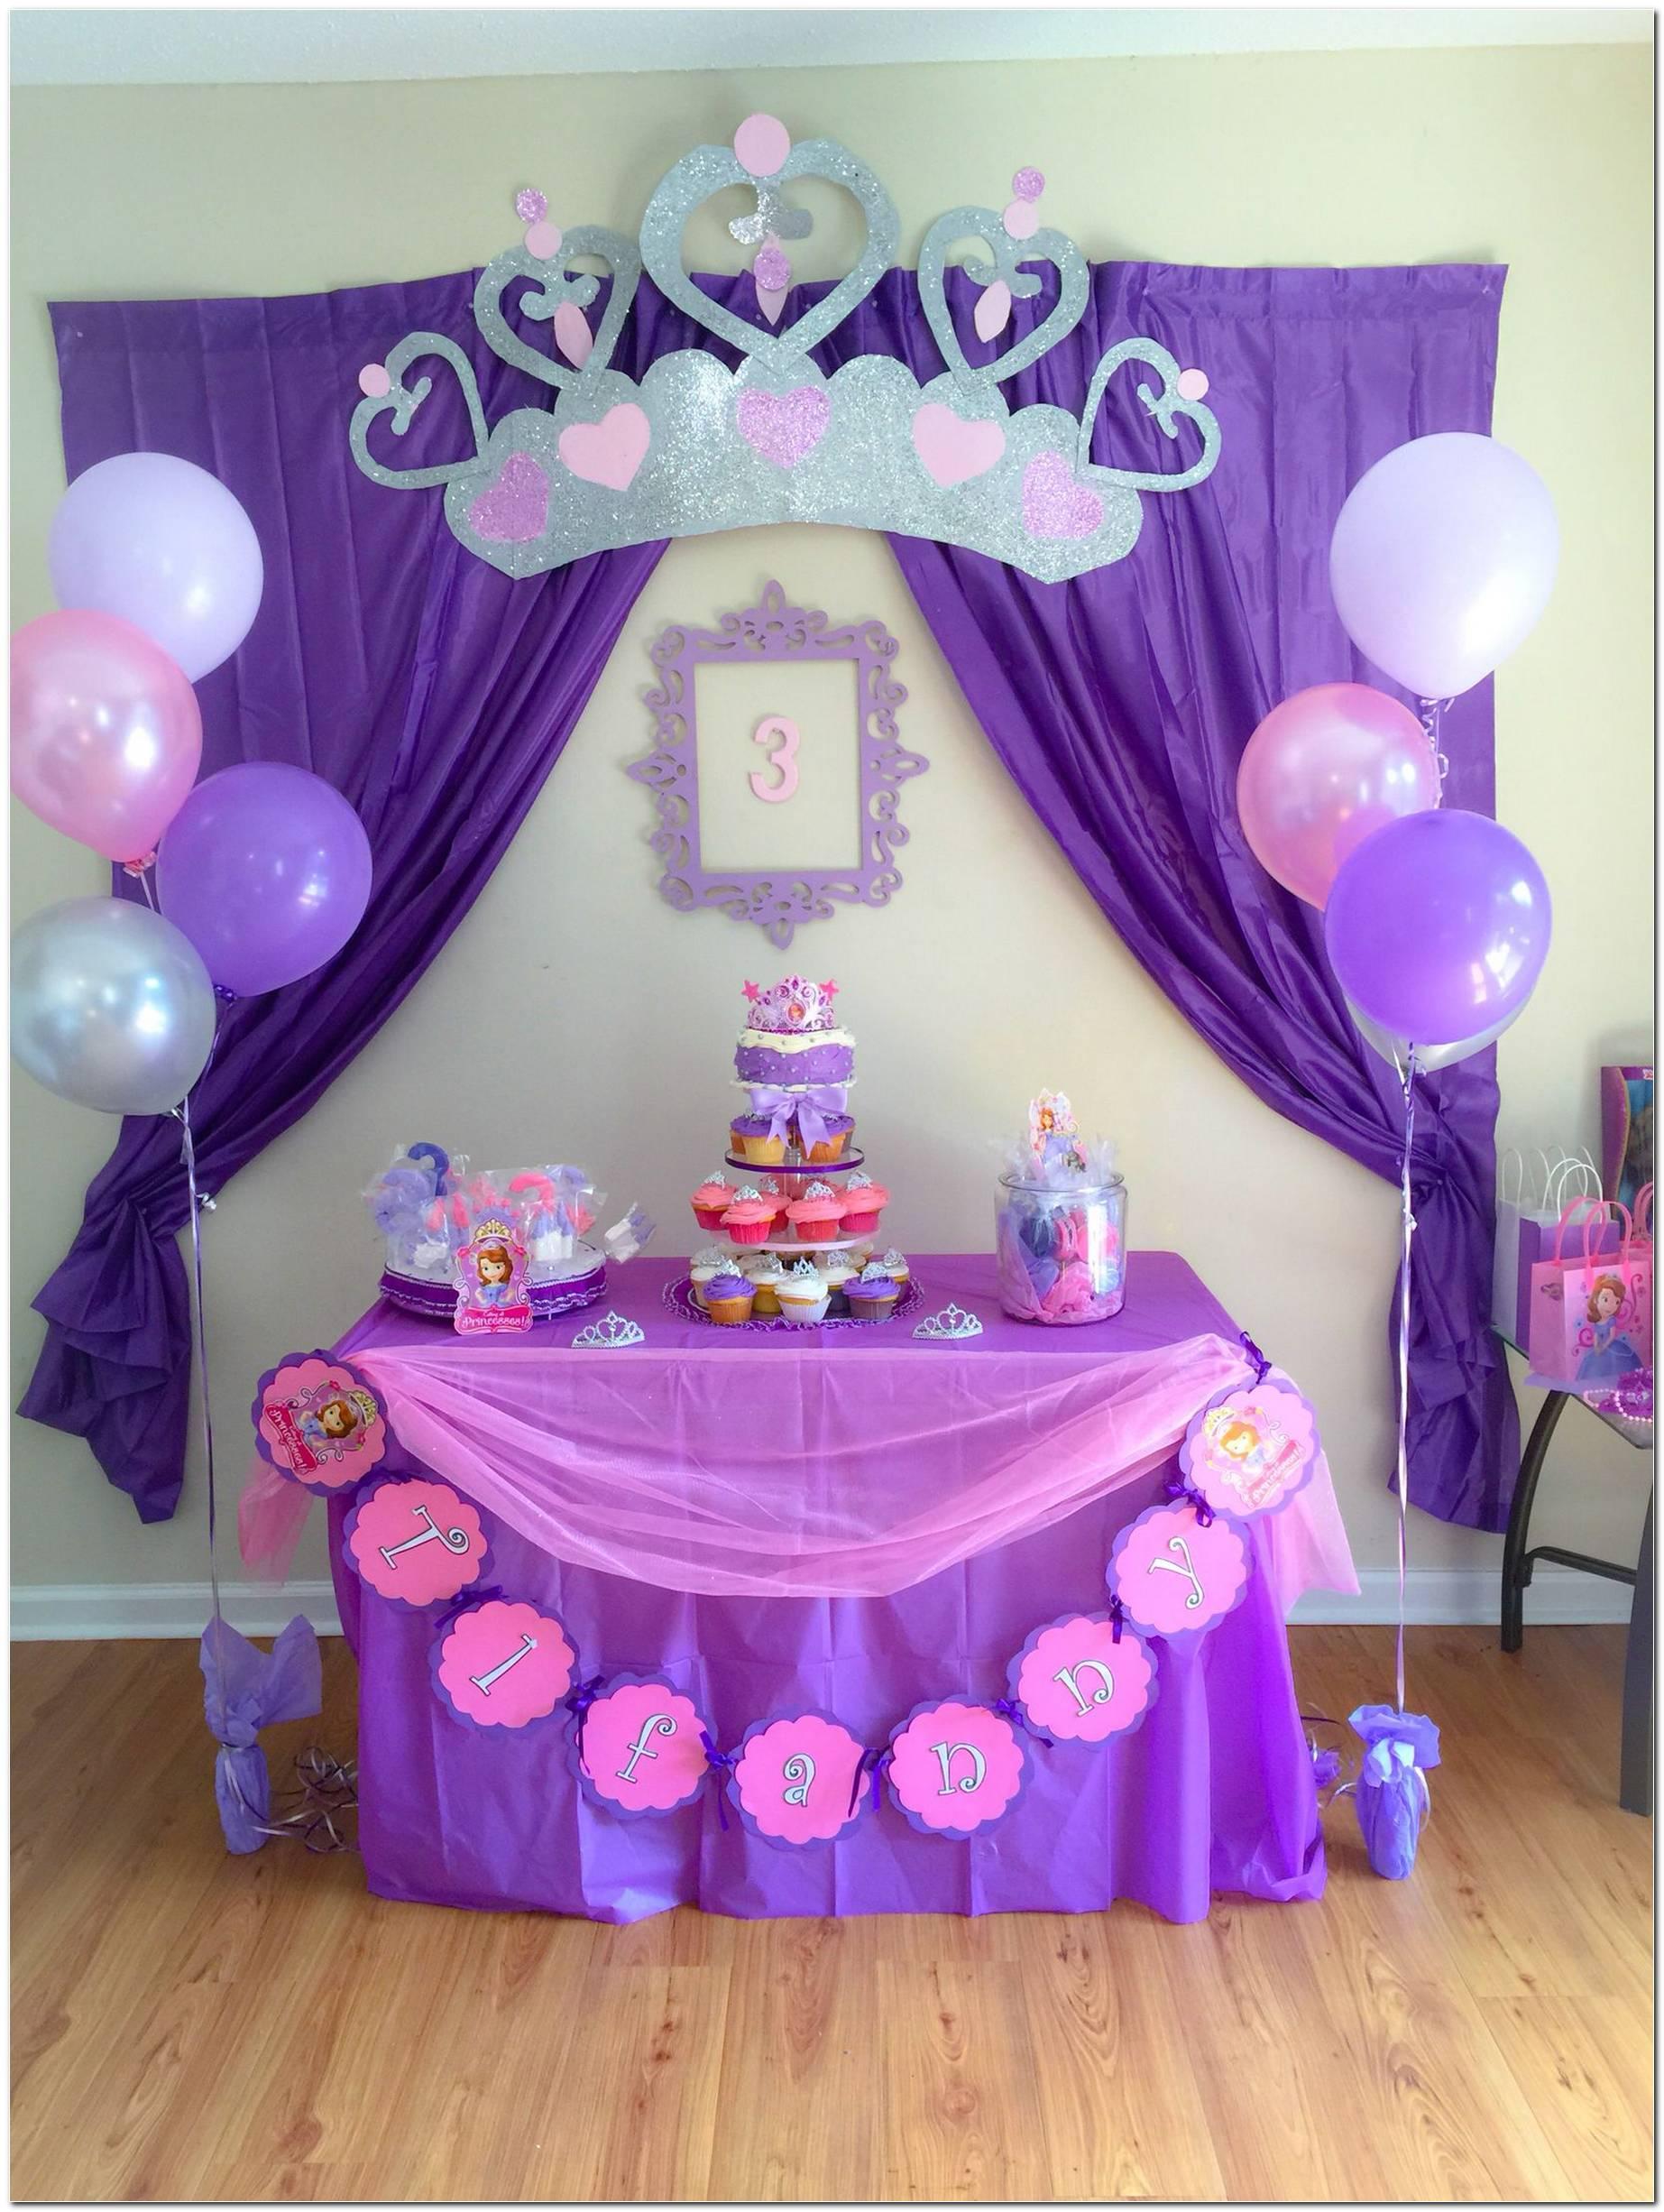 Festa Princesa Sofia 60 Ideias De Decoração E Fotos Do Tema